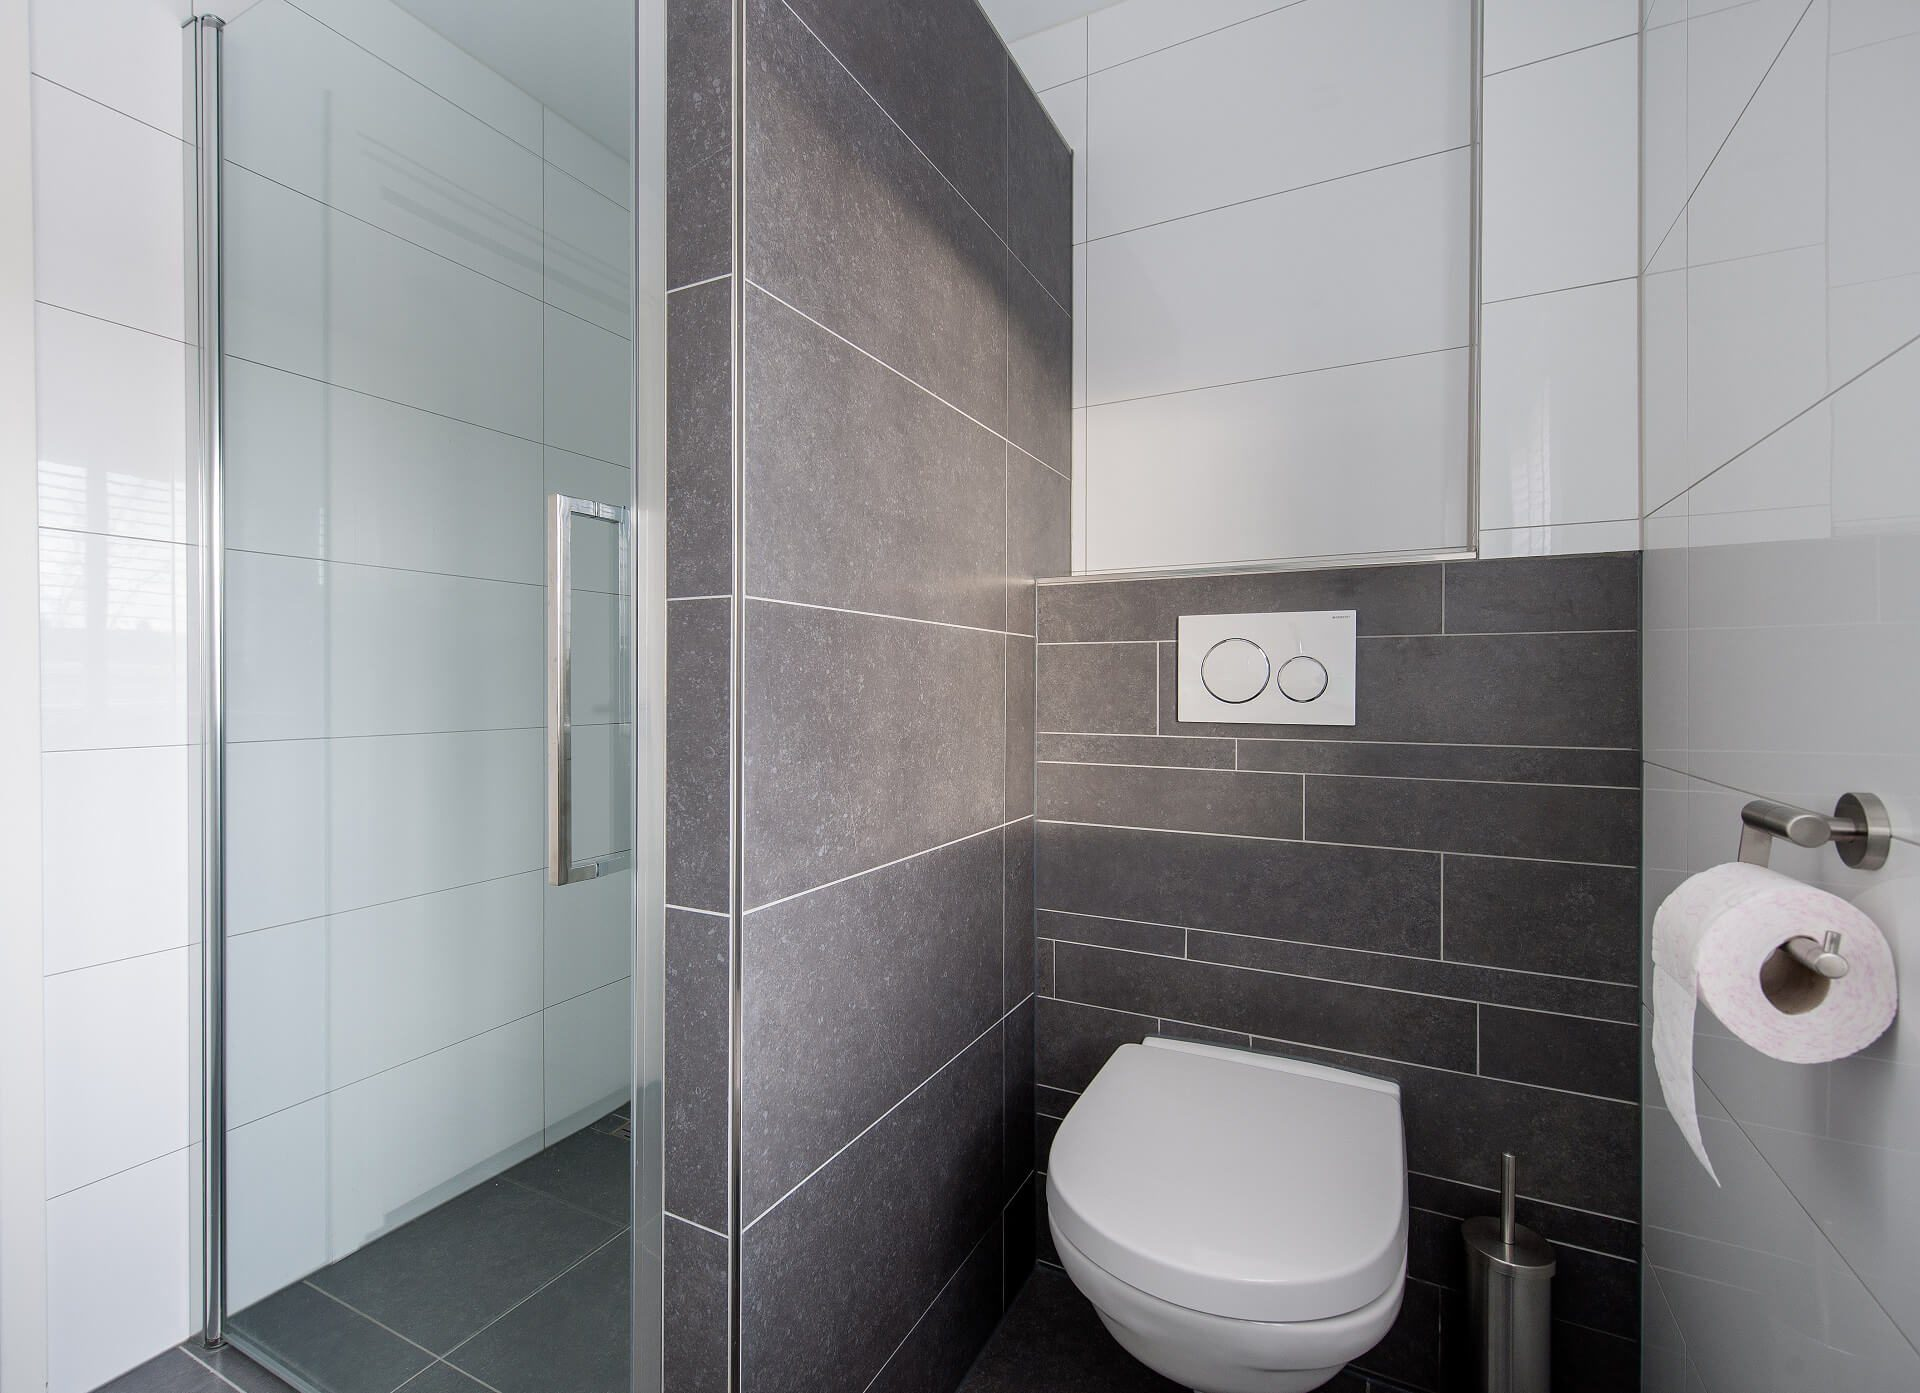 Tegels Badkamer Stroken : Tegelstroken u een tegelstrook staat prachtig kroon vloeren